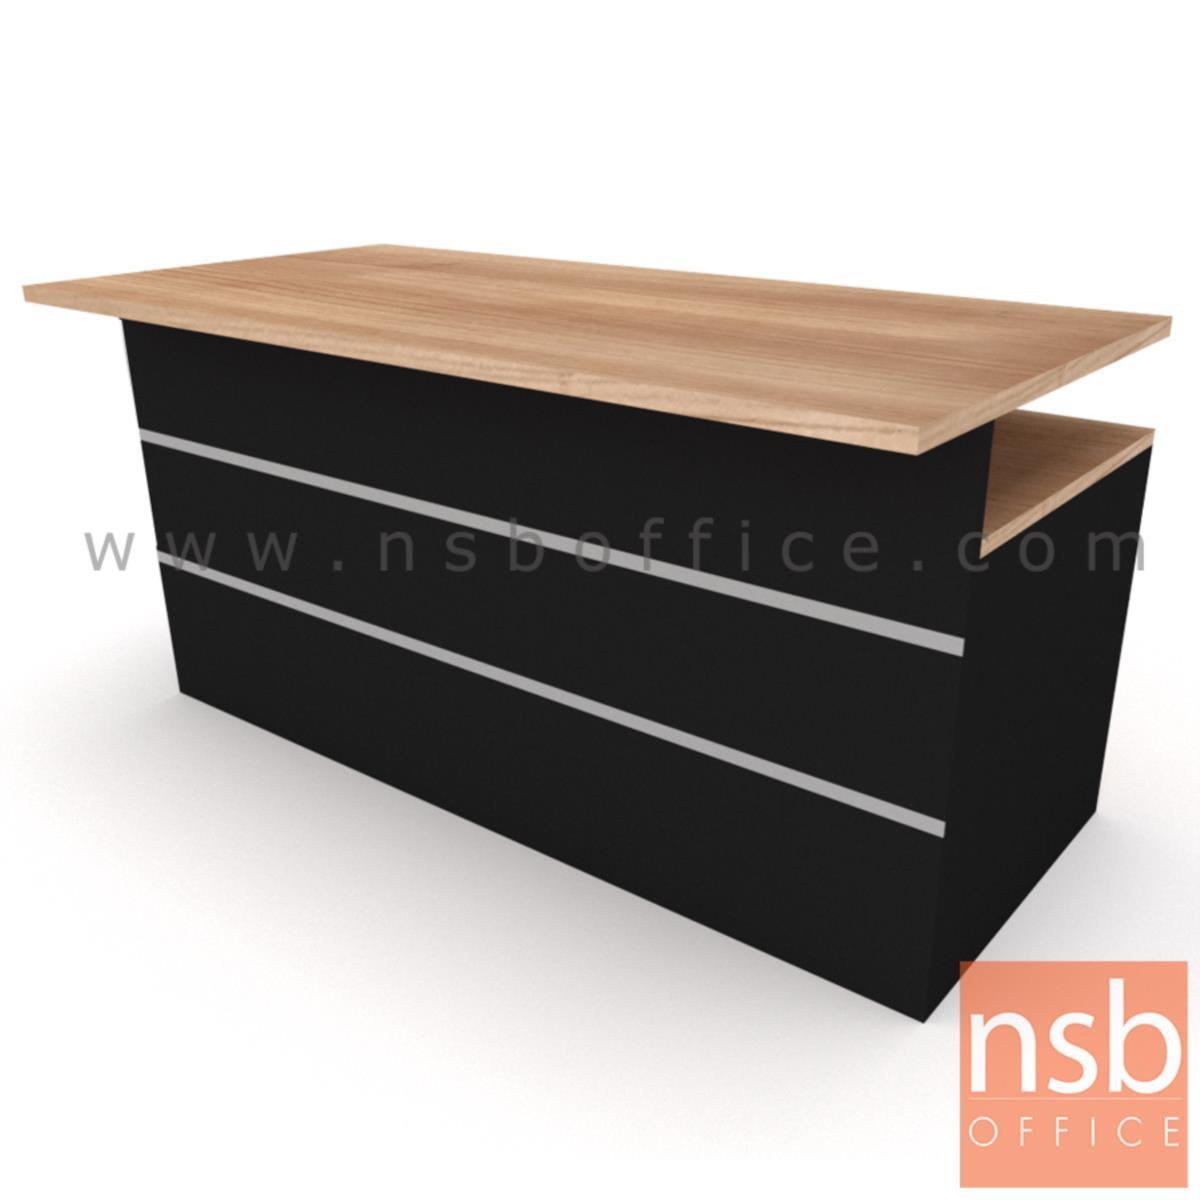 โต๊ะทำงาน 4 ลิ้นชัก  รุ่น Burton (เบอร์ตัน) ขนาด 150W, 180W cm.  พร้อมบังตาไม้ปิดเต็มแผ่น เมลามีน